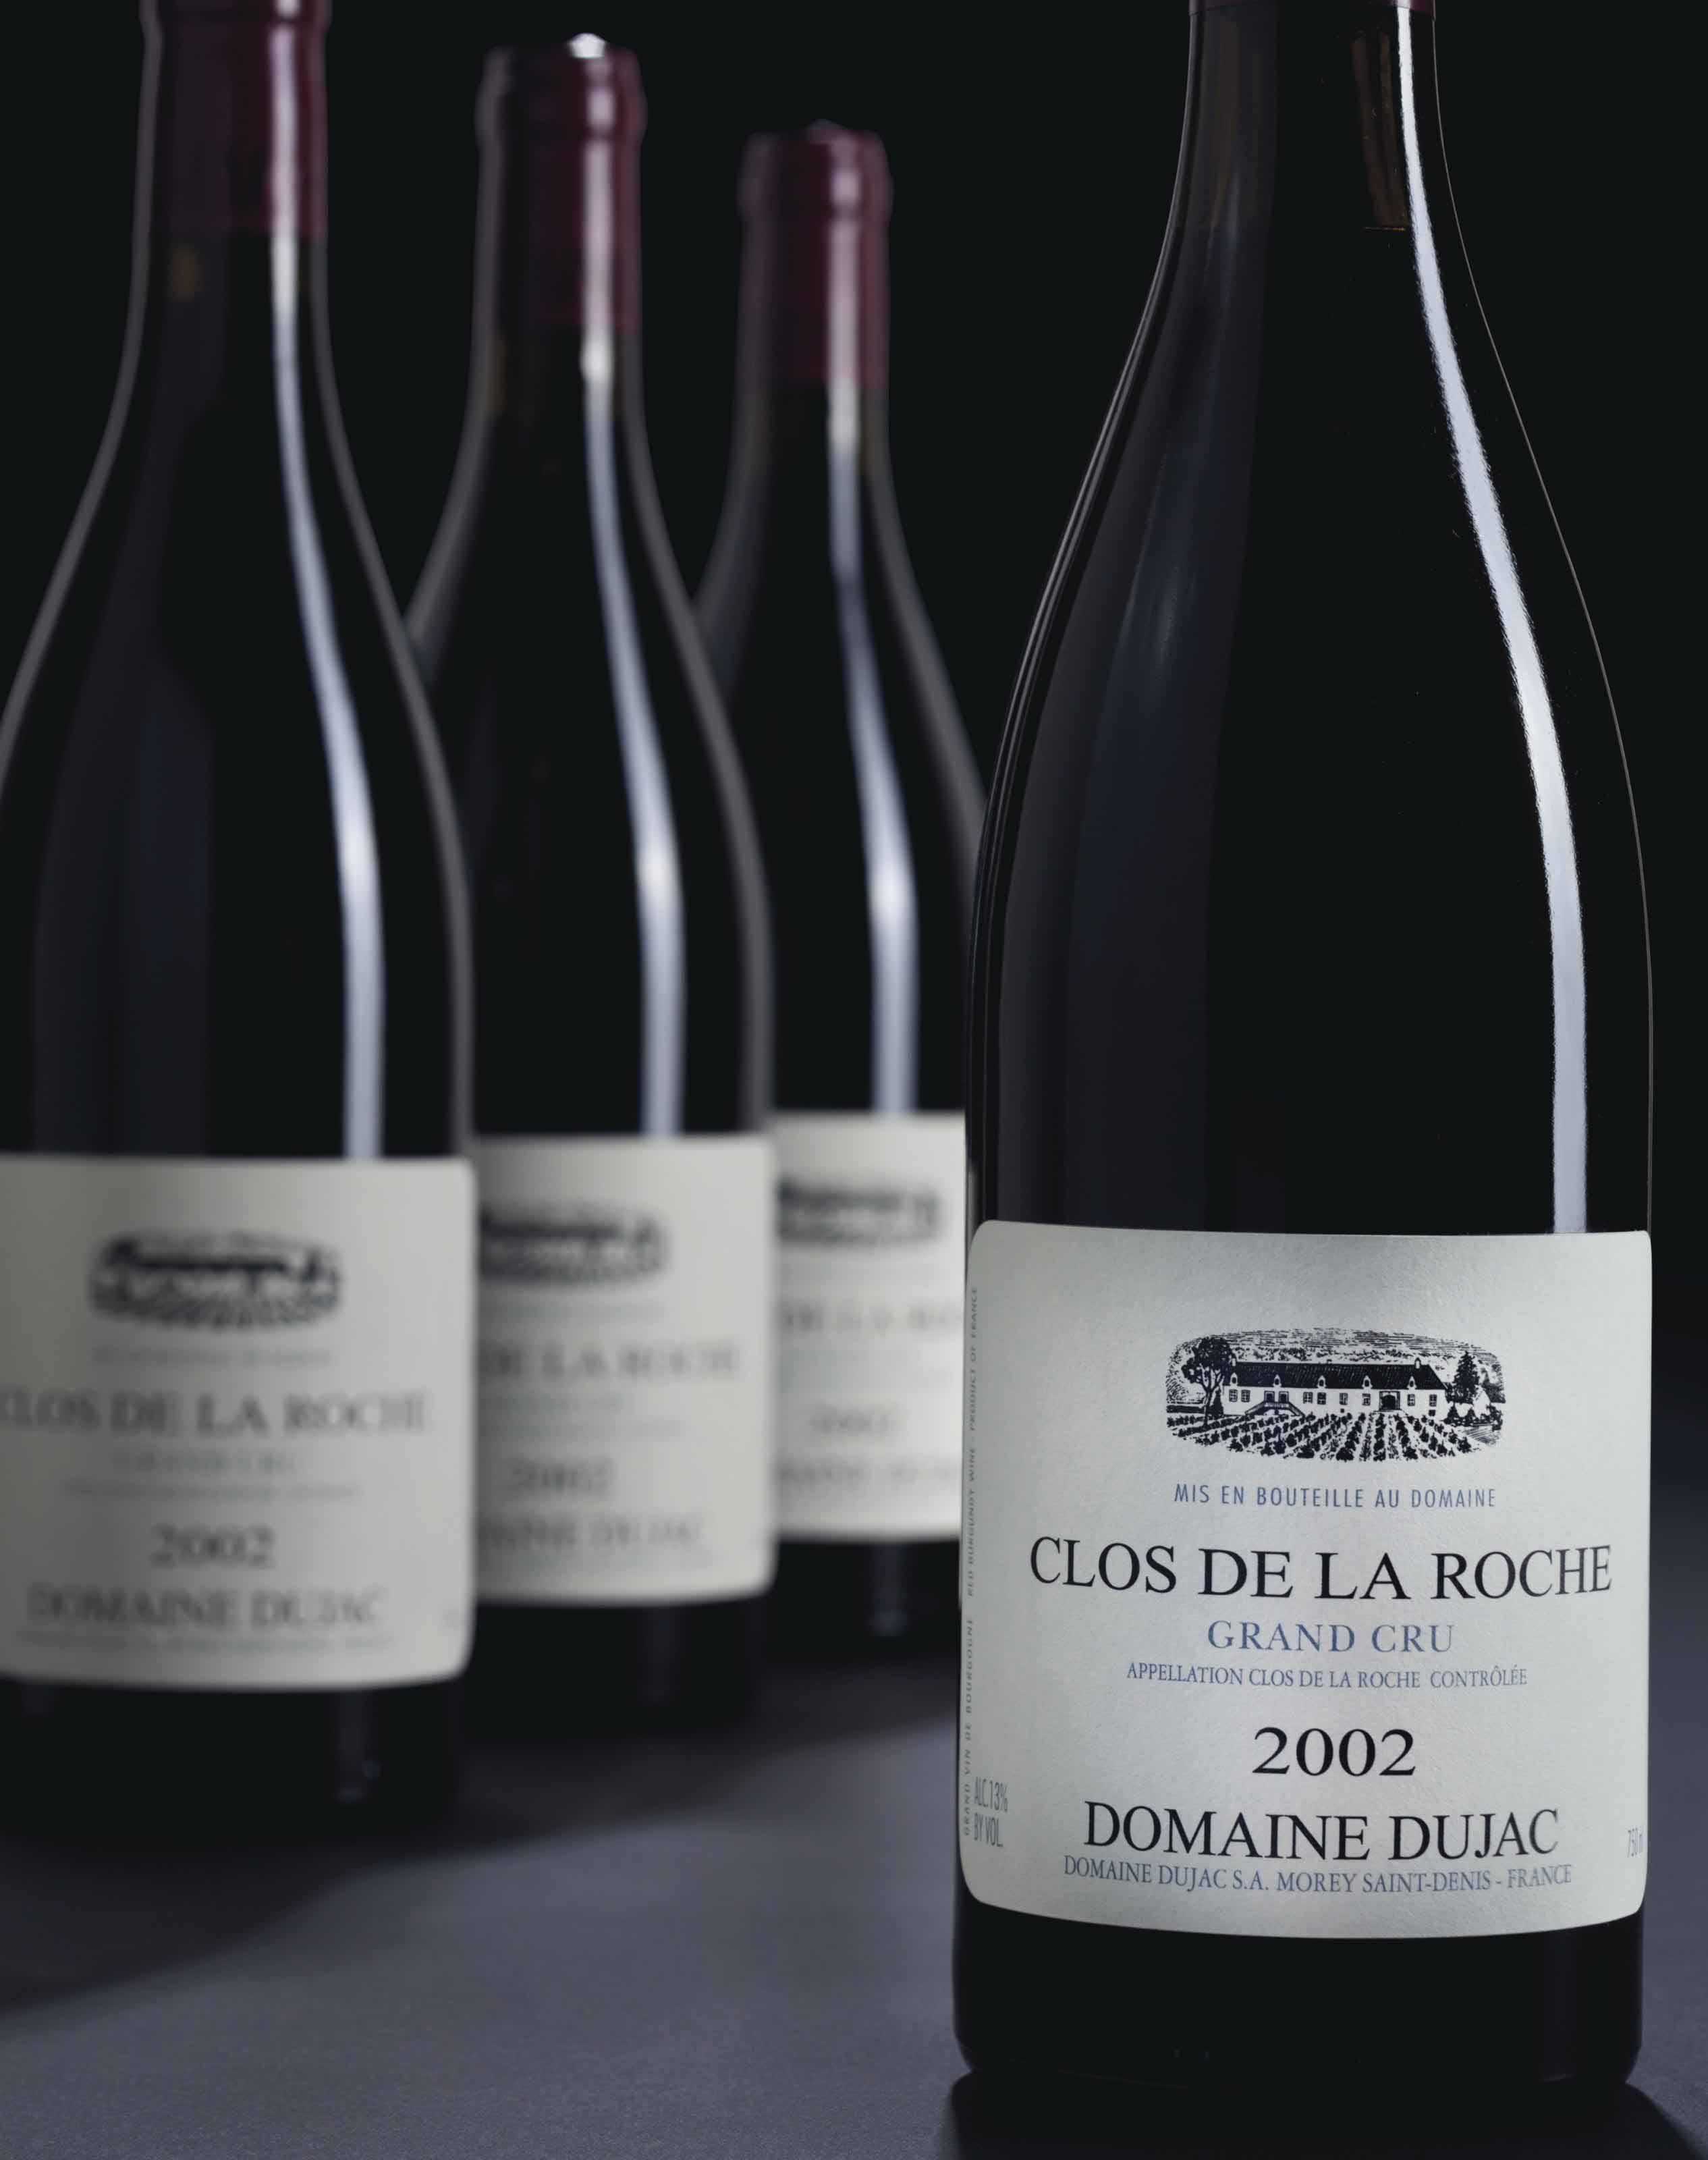 Dujac, Clos de la Roche 2002